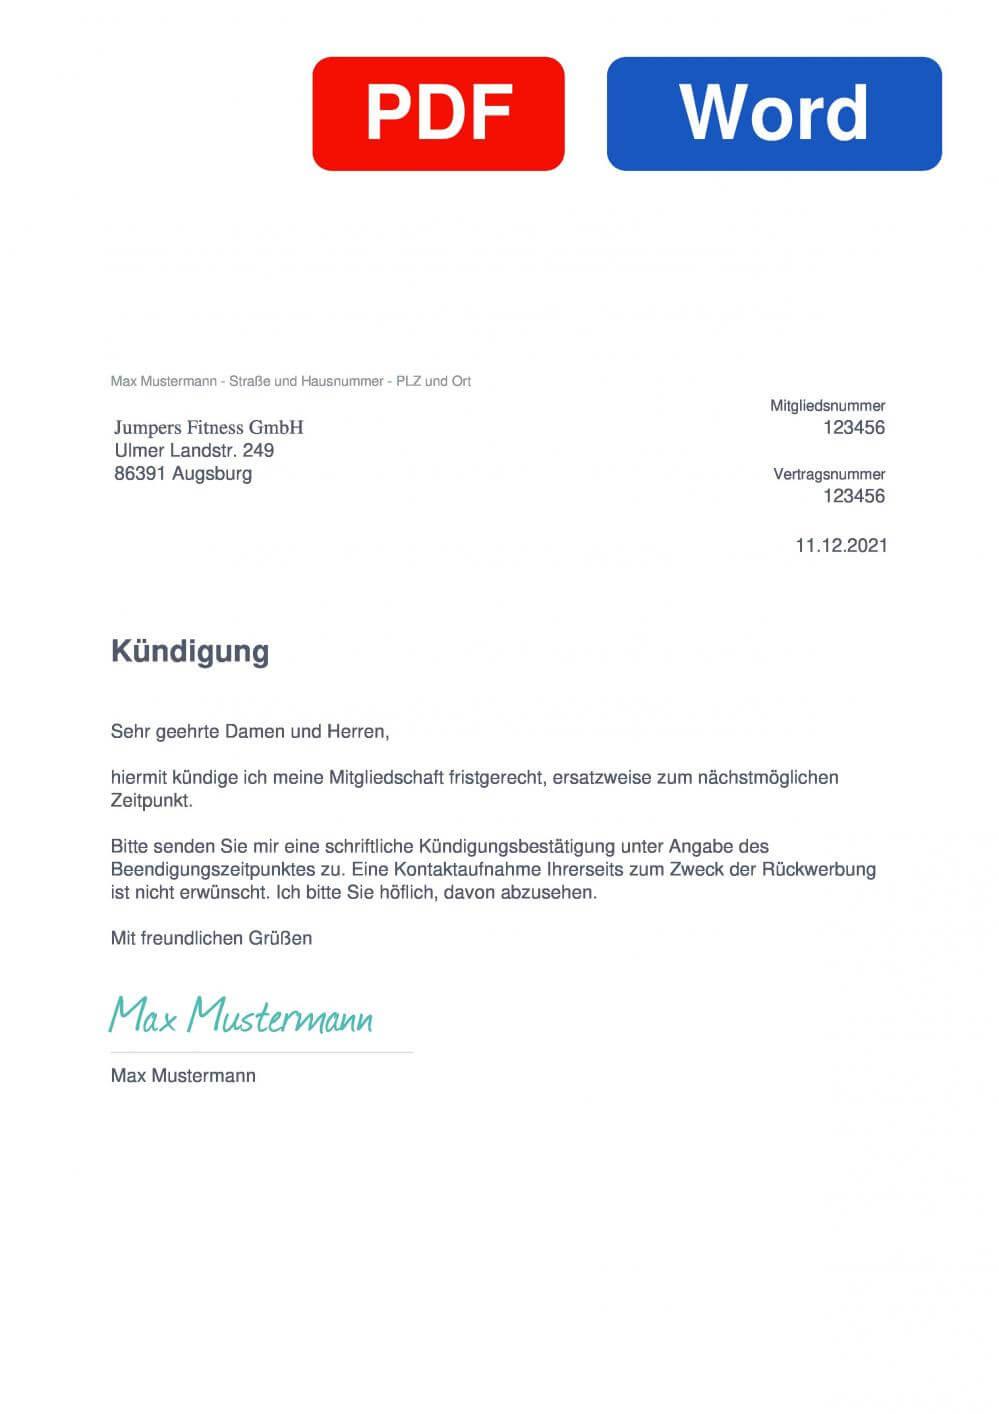 jumpers Stadtbergen Muster Vorlage für Kündigungsschreiben